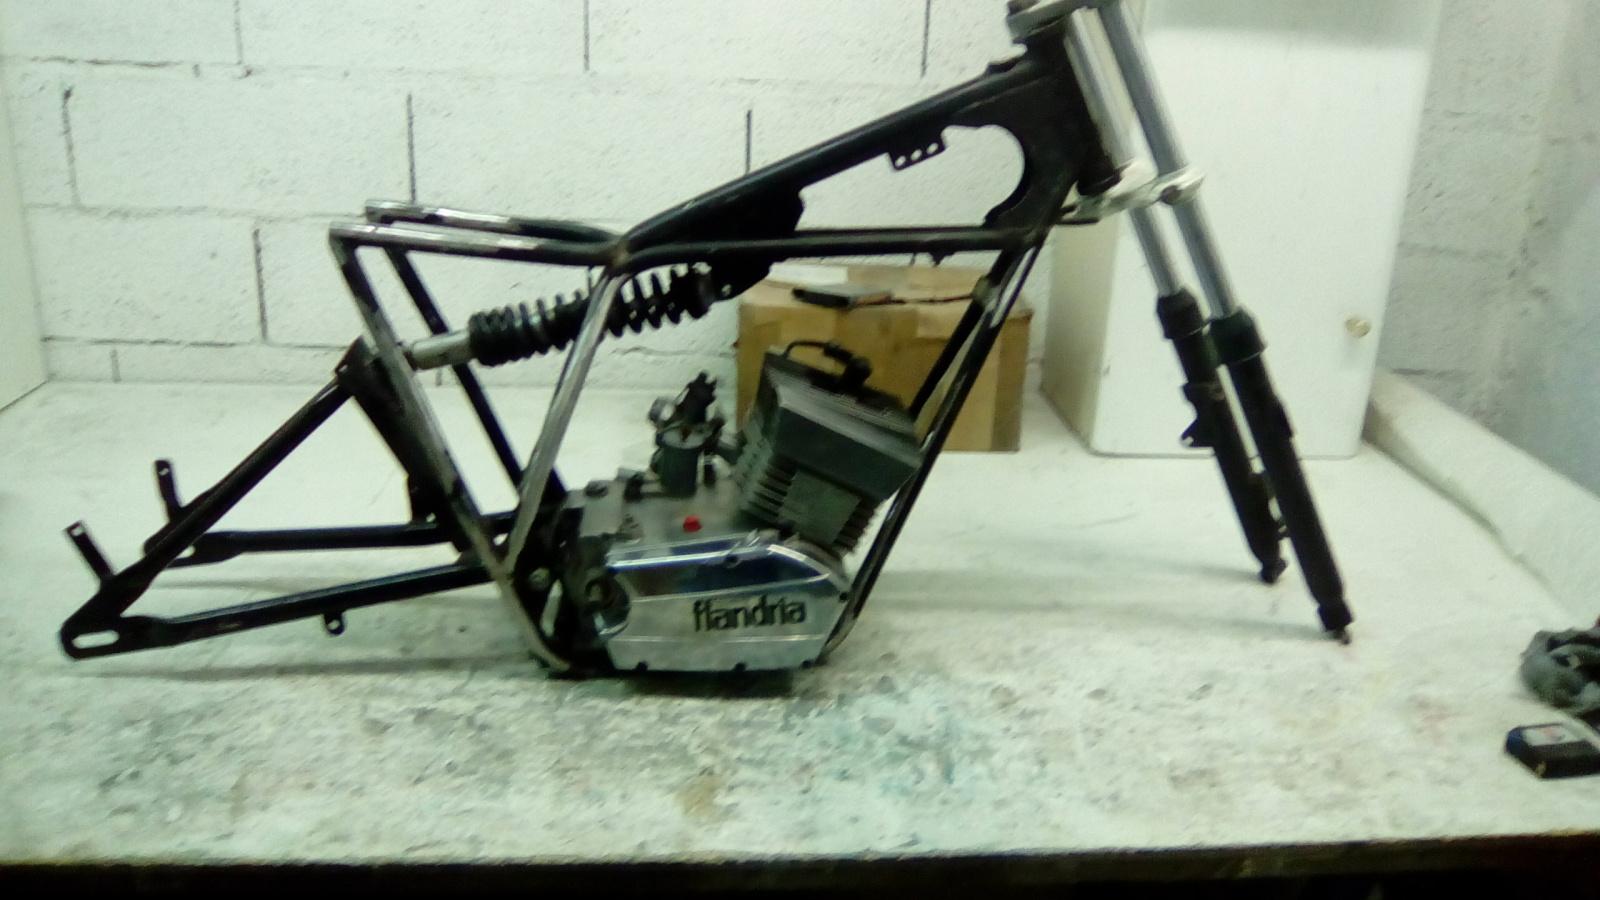 Proyecto Flandria 50 cc de carreras 2ccs979